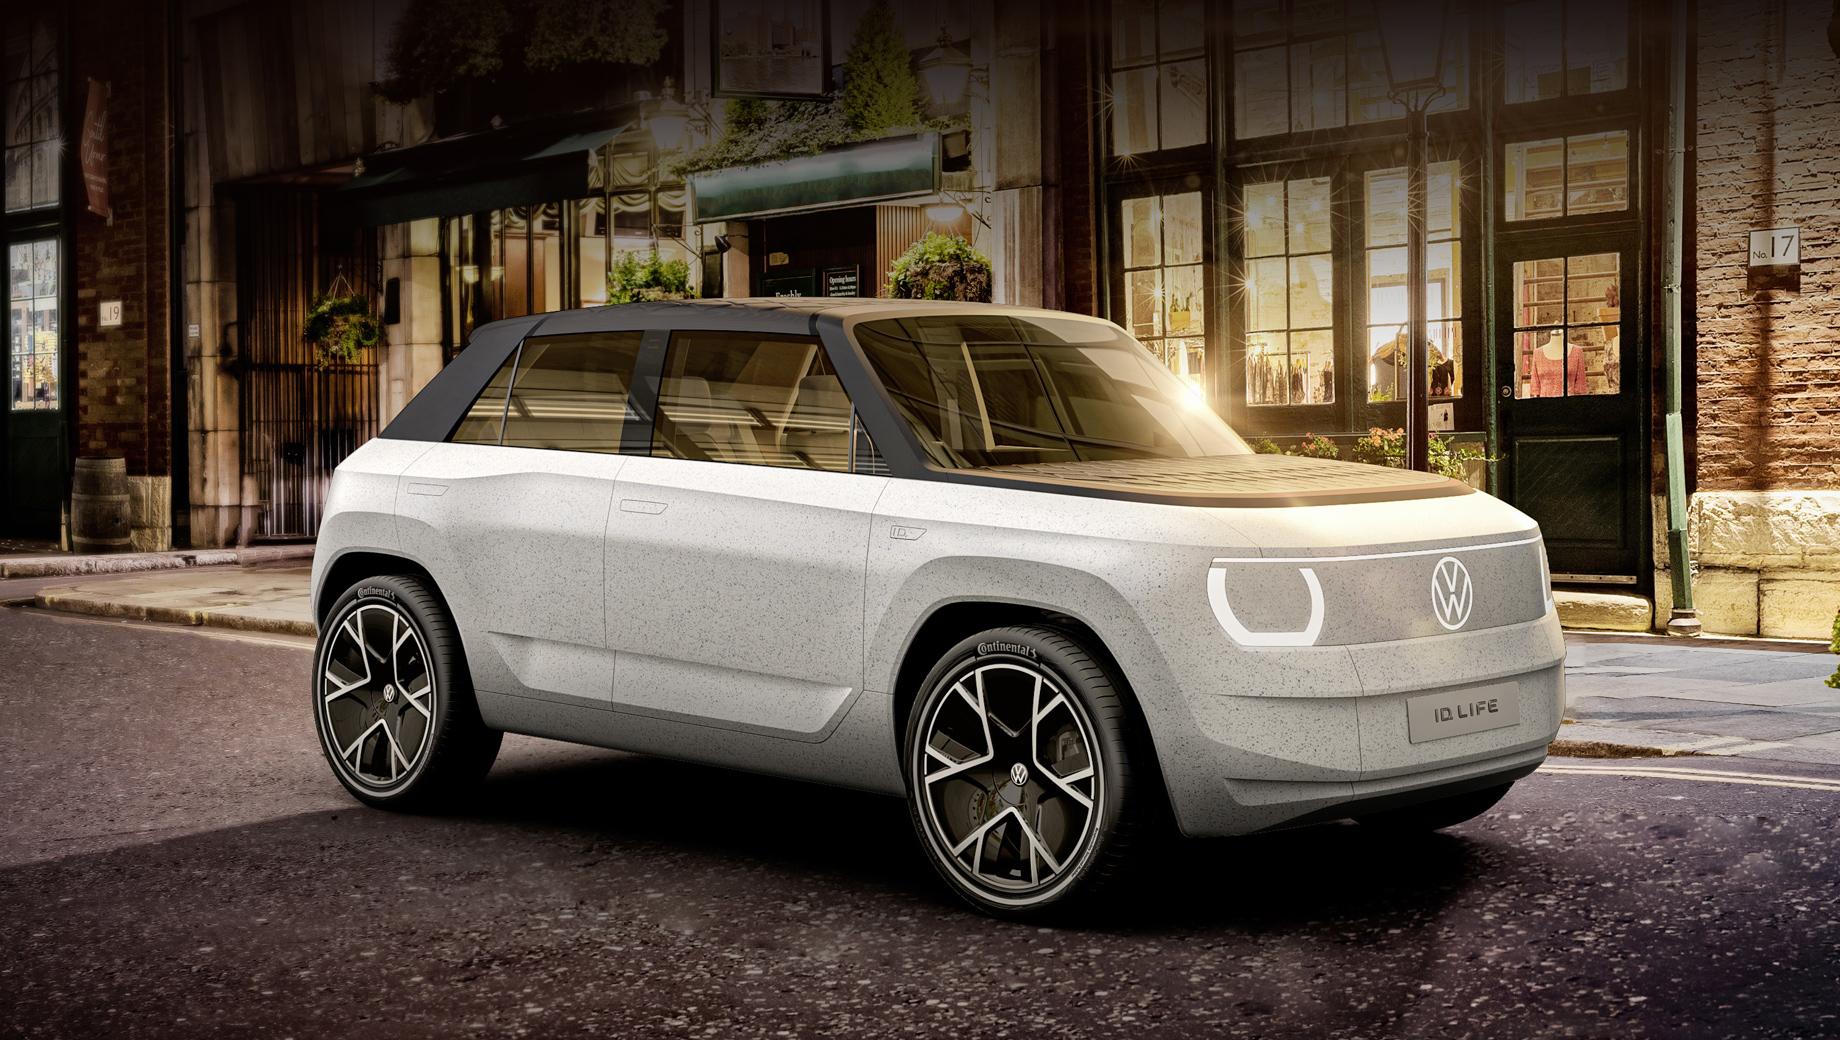 Volkswagen concept,Volkswagen id life,Volkswagen id2. Фольксвагеновский младший электрокар разительно отличается простыми формами от недавно показанного собрата Cupra UrbanRebel. Если говорить о внешнем дизайне, то родственником скорее выглядит Honda e.